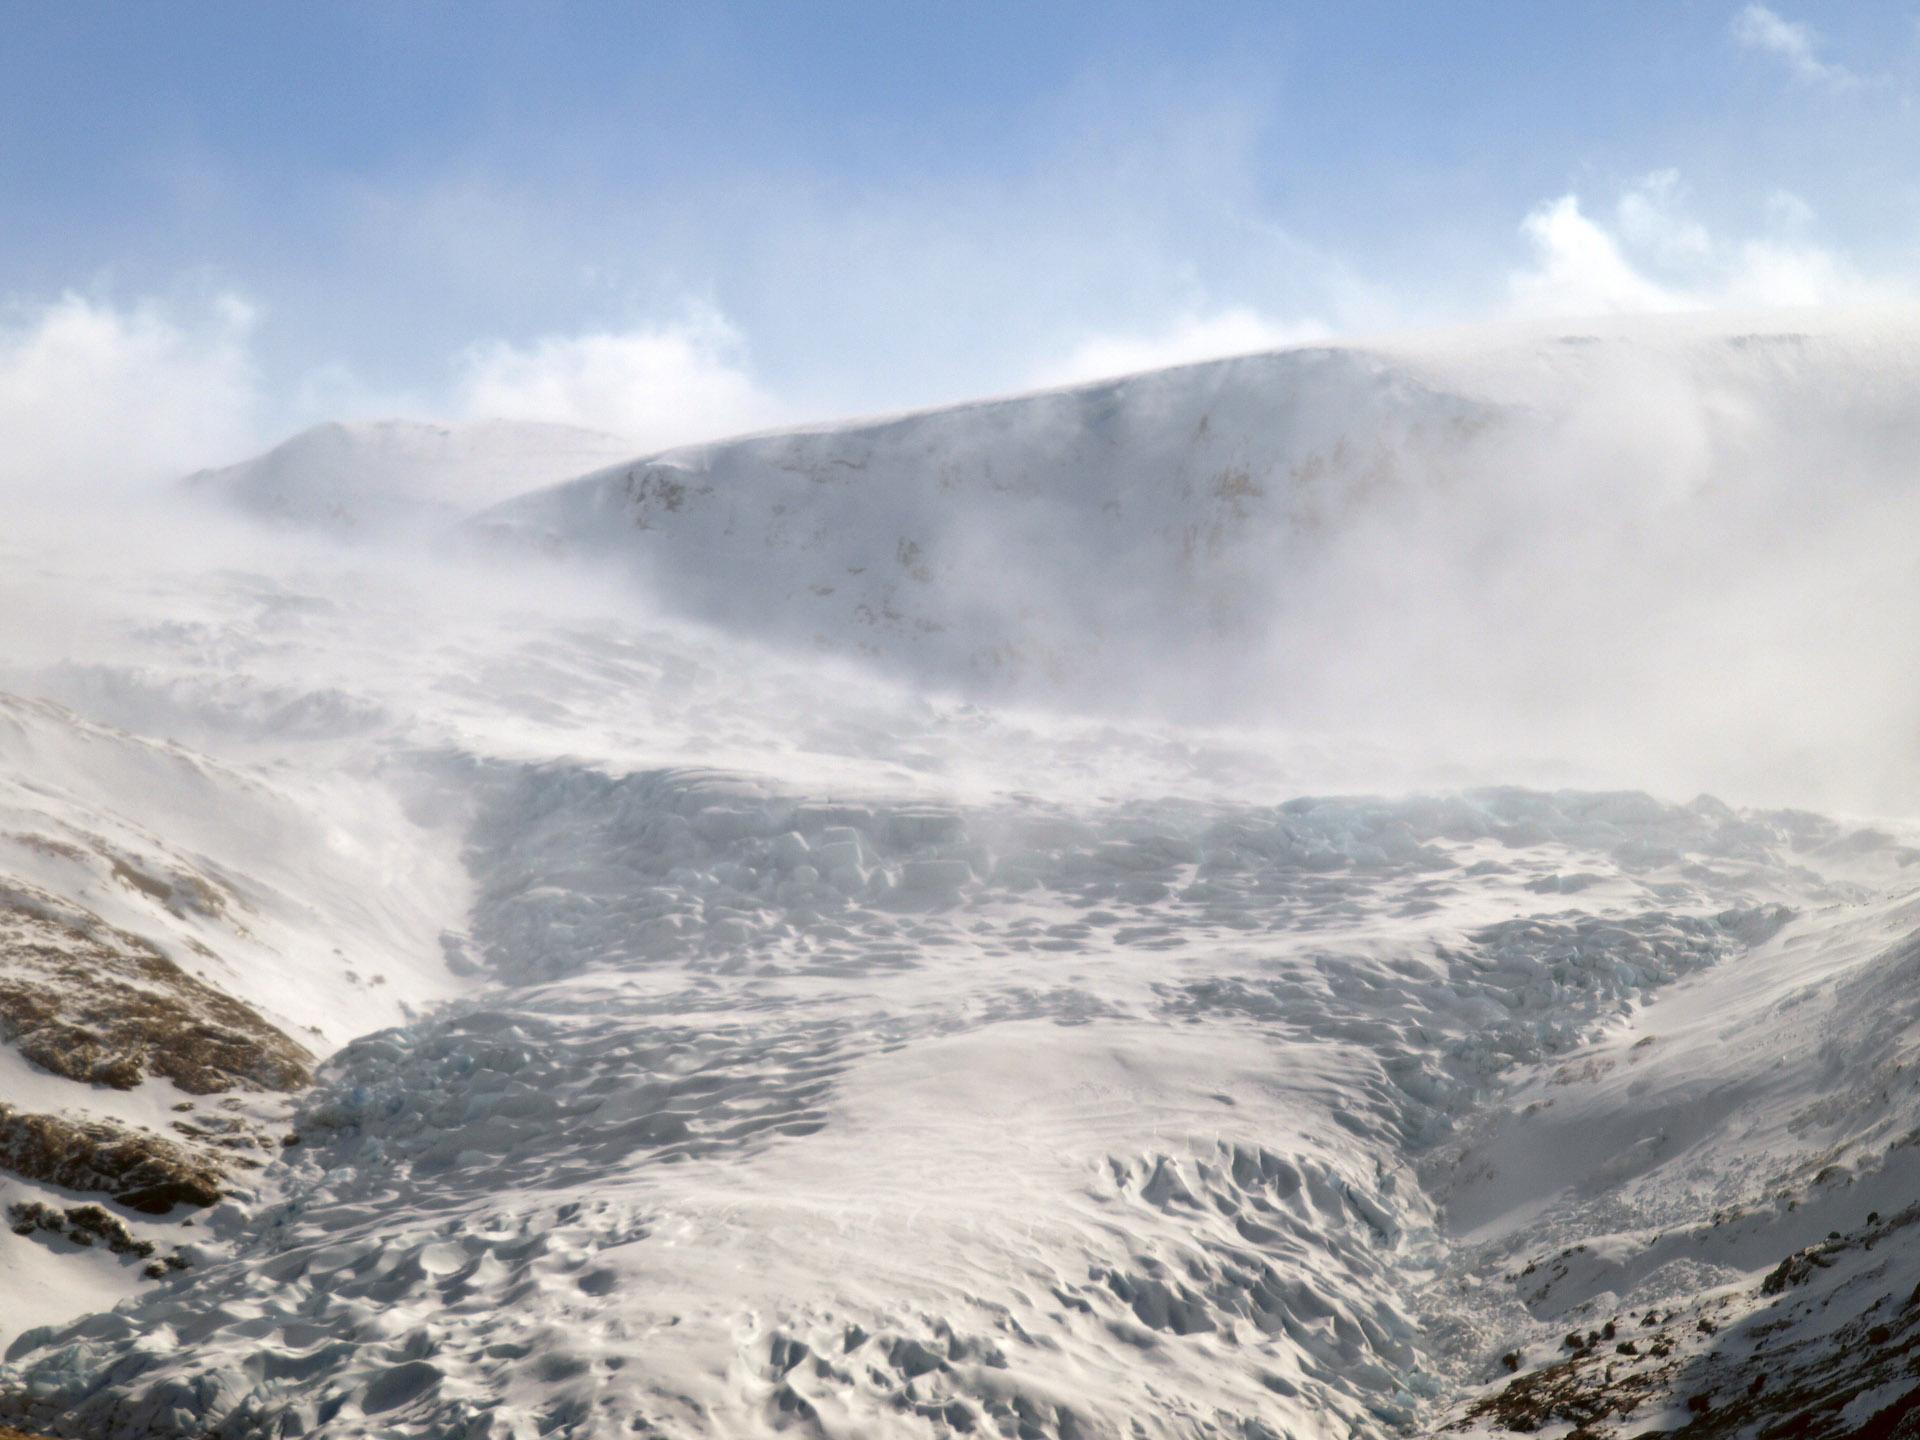 Noorwegen koude training Wim Hof Methode gletsjer zeilexpeditie